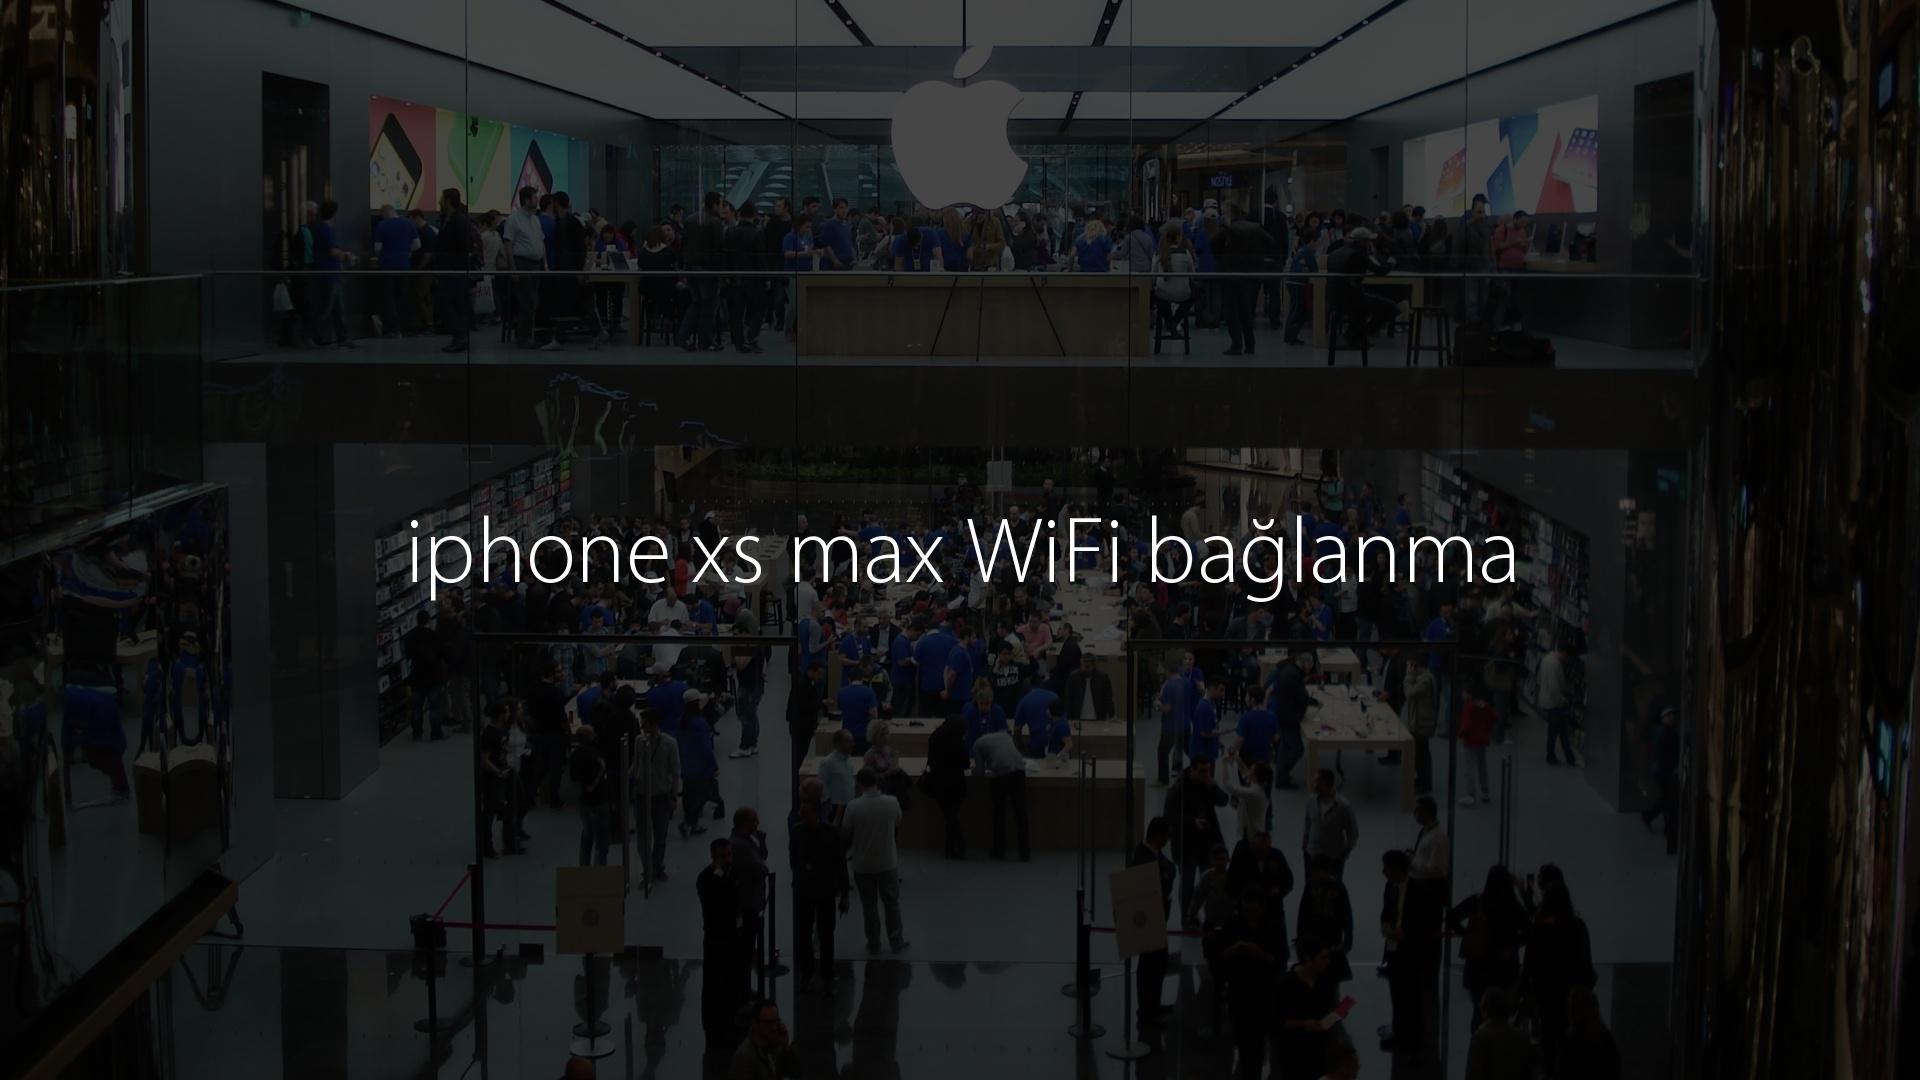 iphone xs max WiFi bağlanma